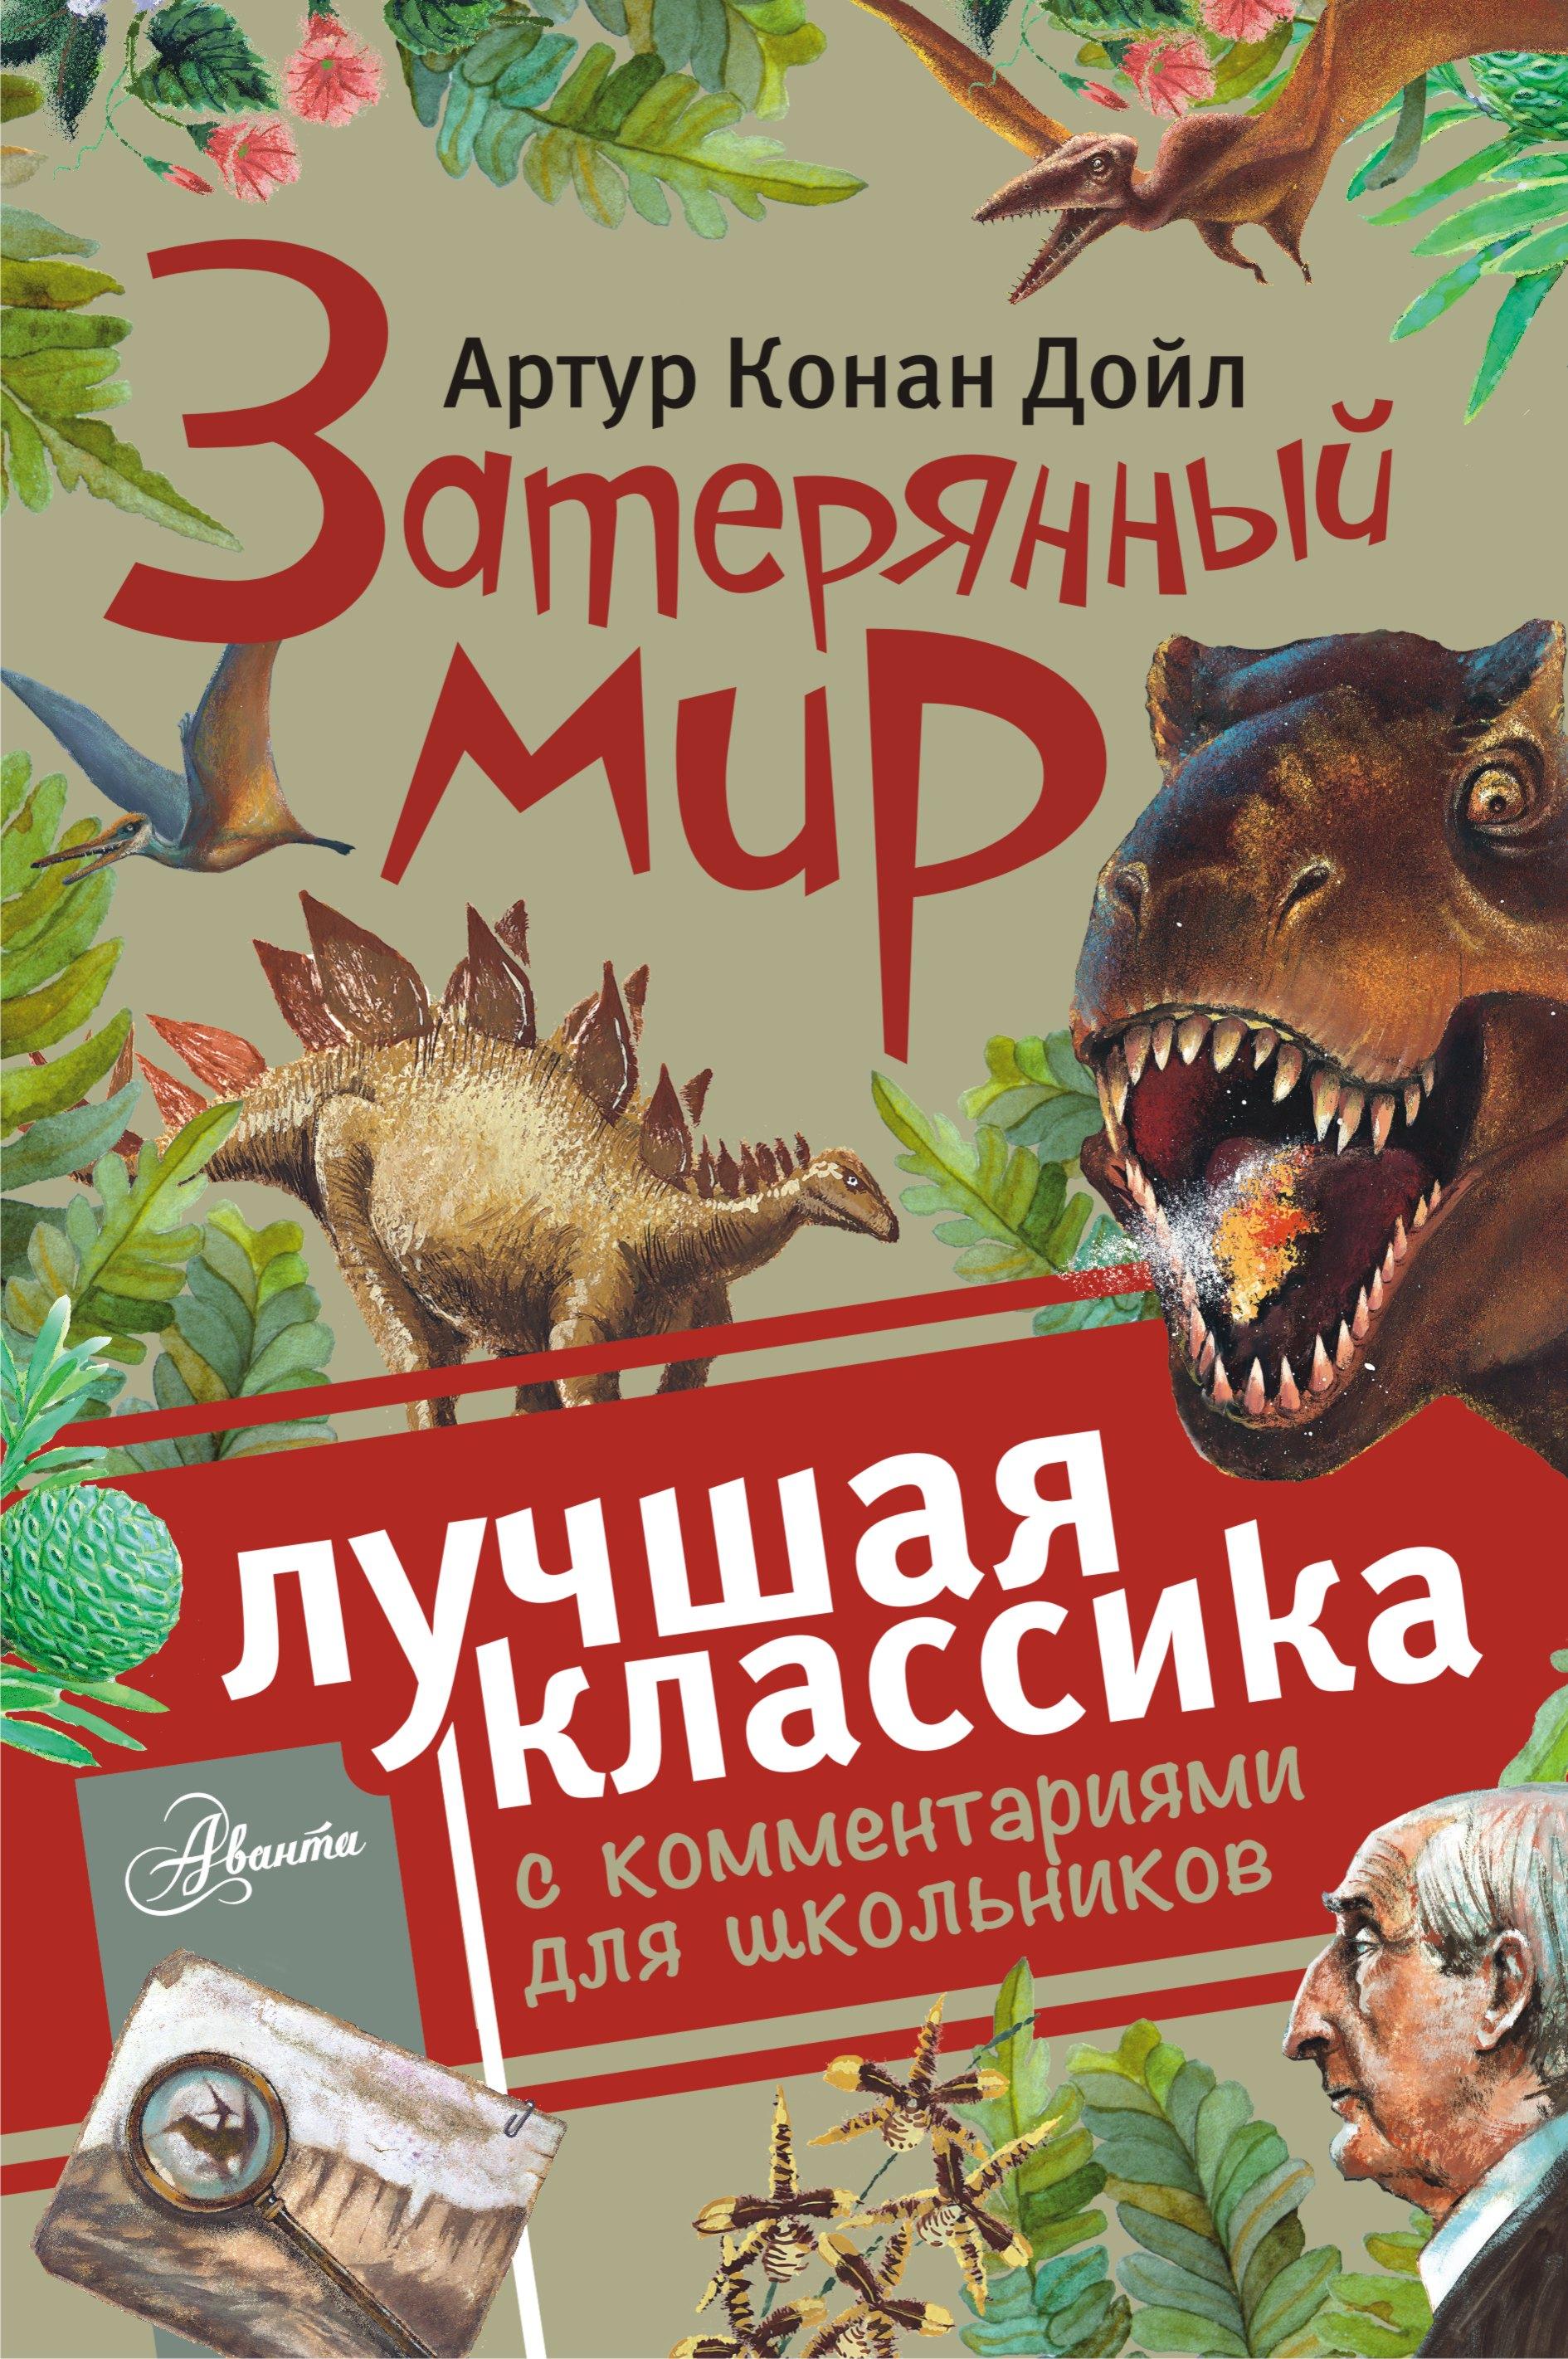 Дойл А.К. Затерянный мир эймис ли дж рисуем 50 динозавров и других доисторических животных